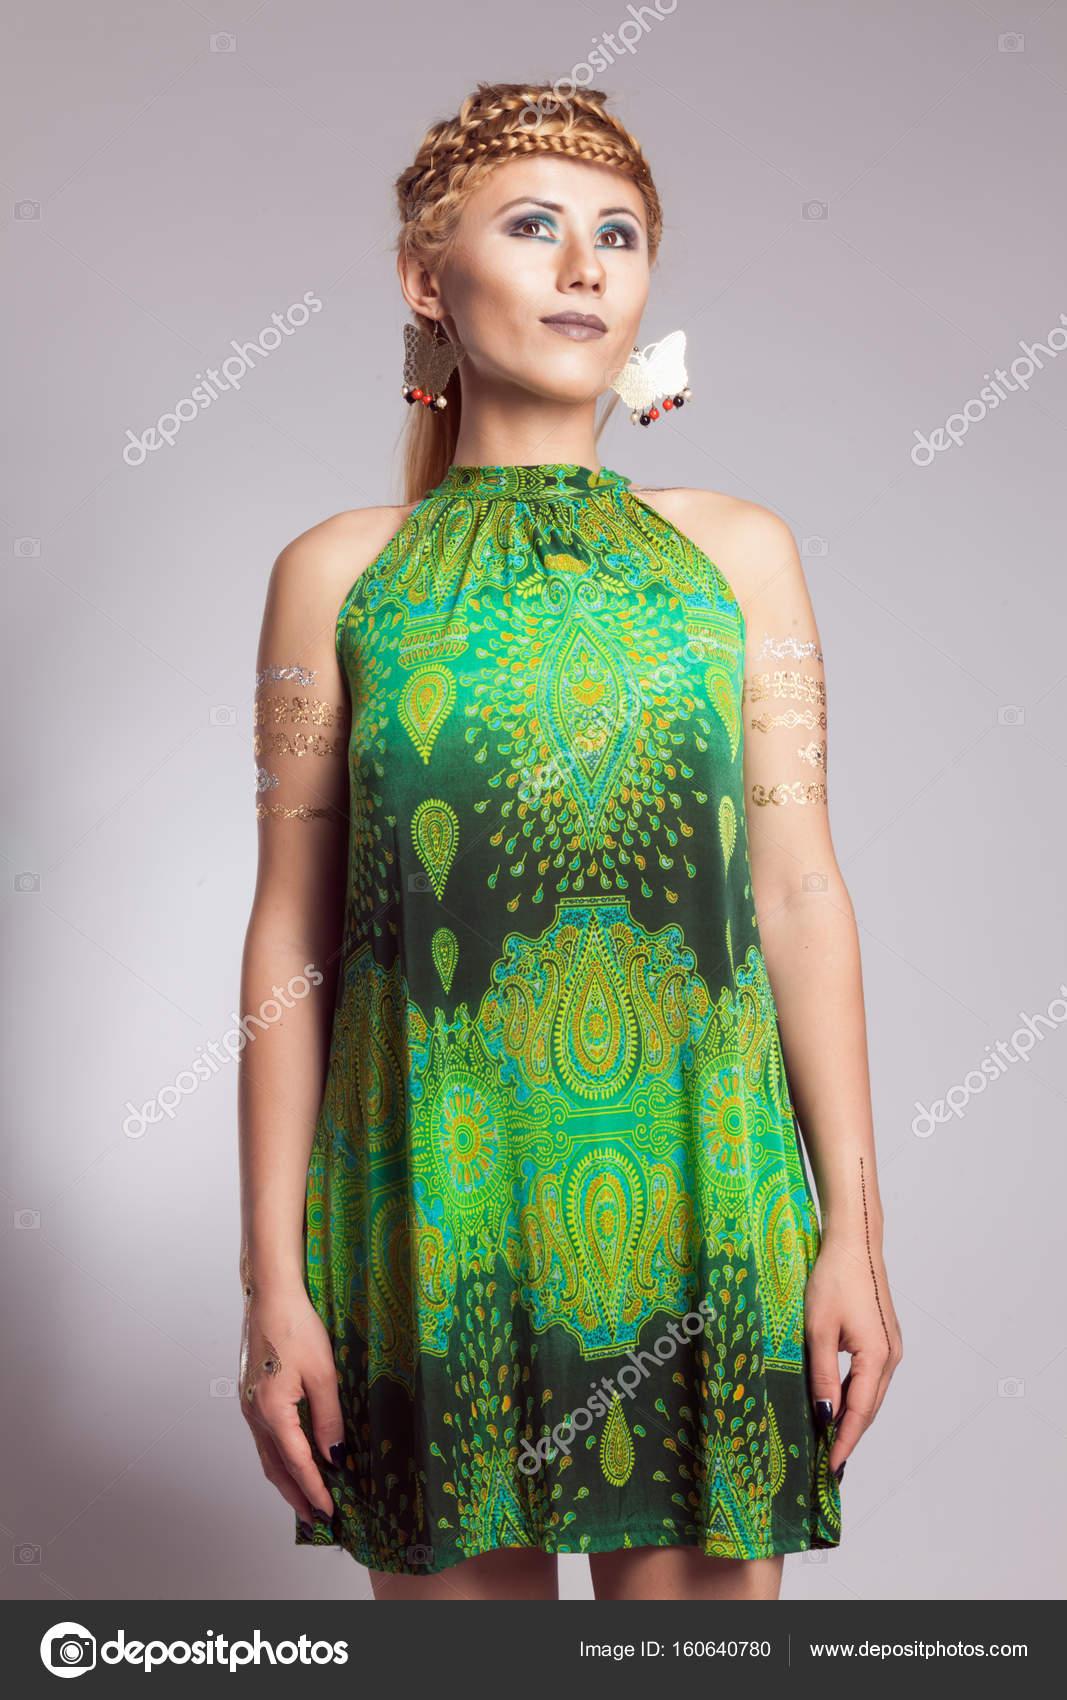 a989c4607 Chica joven en vestido blanco con estampado étnico de color verde– imagen  de stock